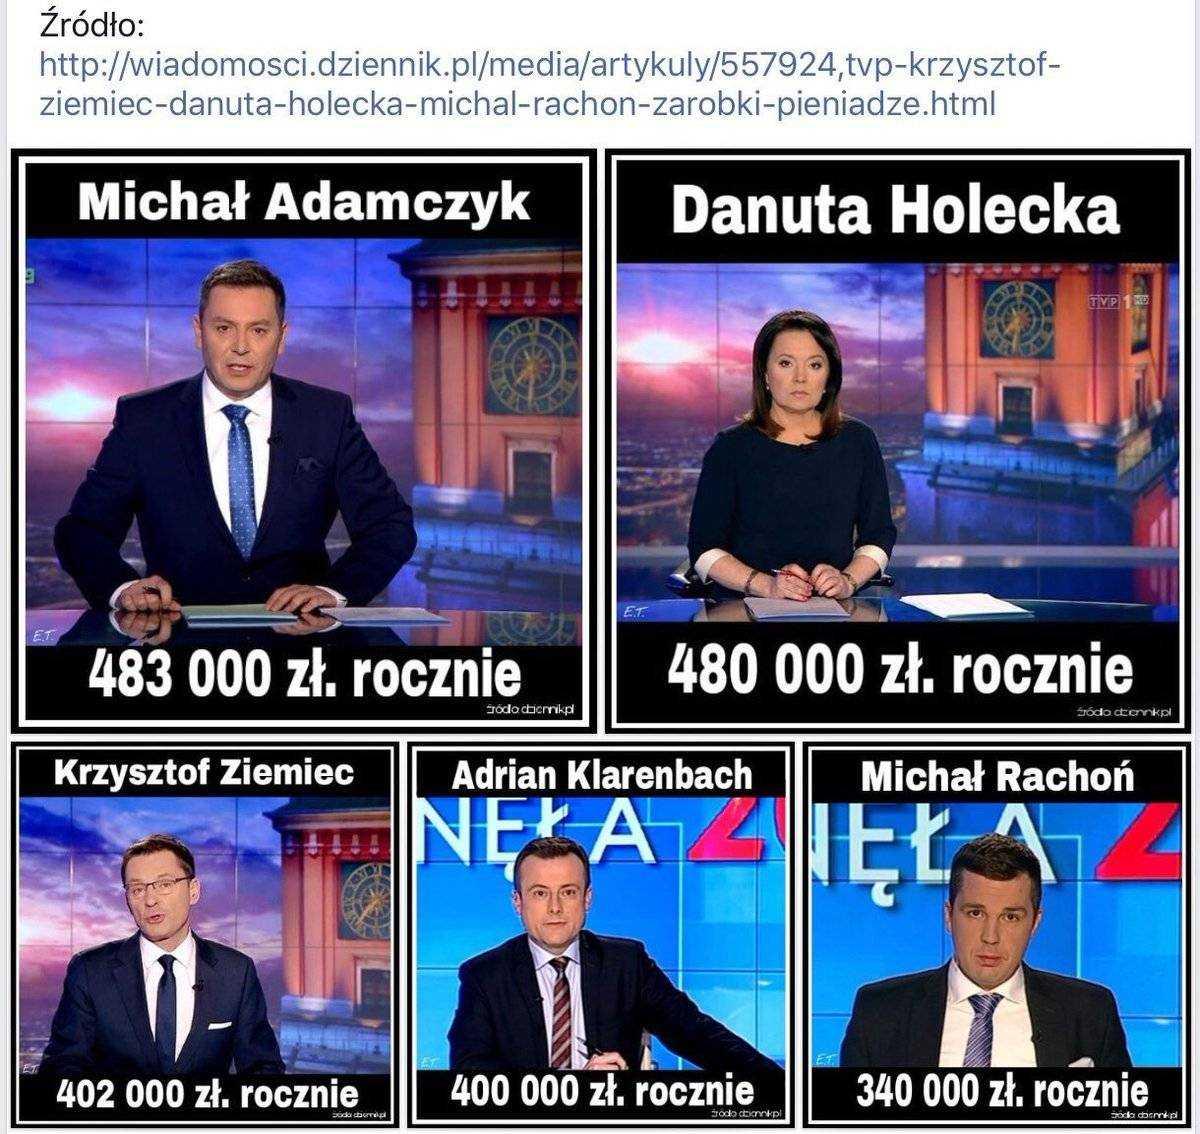 https://www.wiesci24.pl/wp-content/uploads/2019/11/zarobki-propagandzistow.jpg